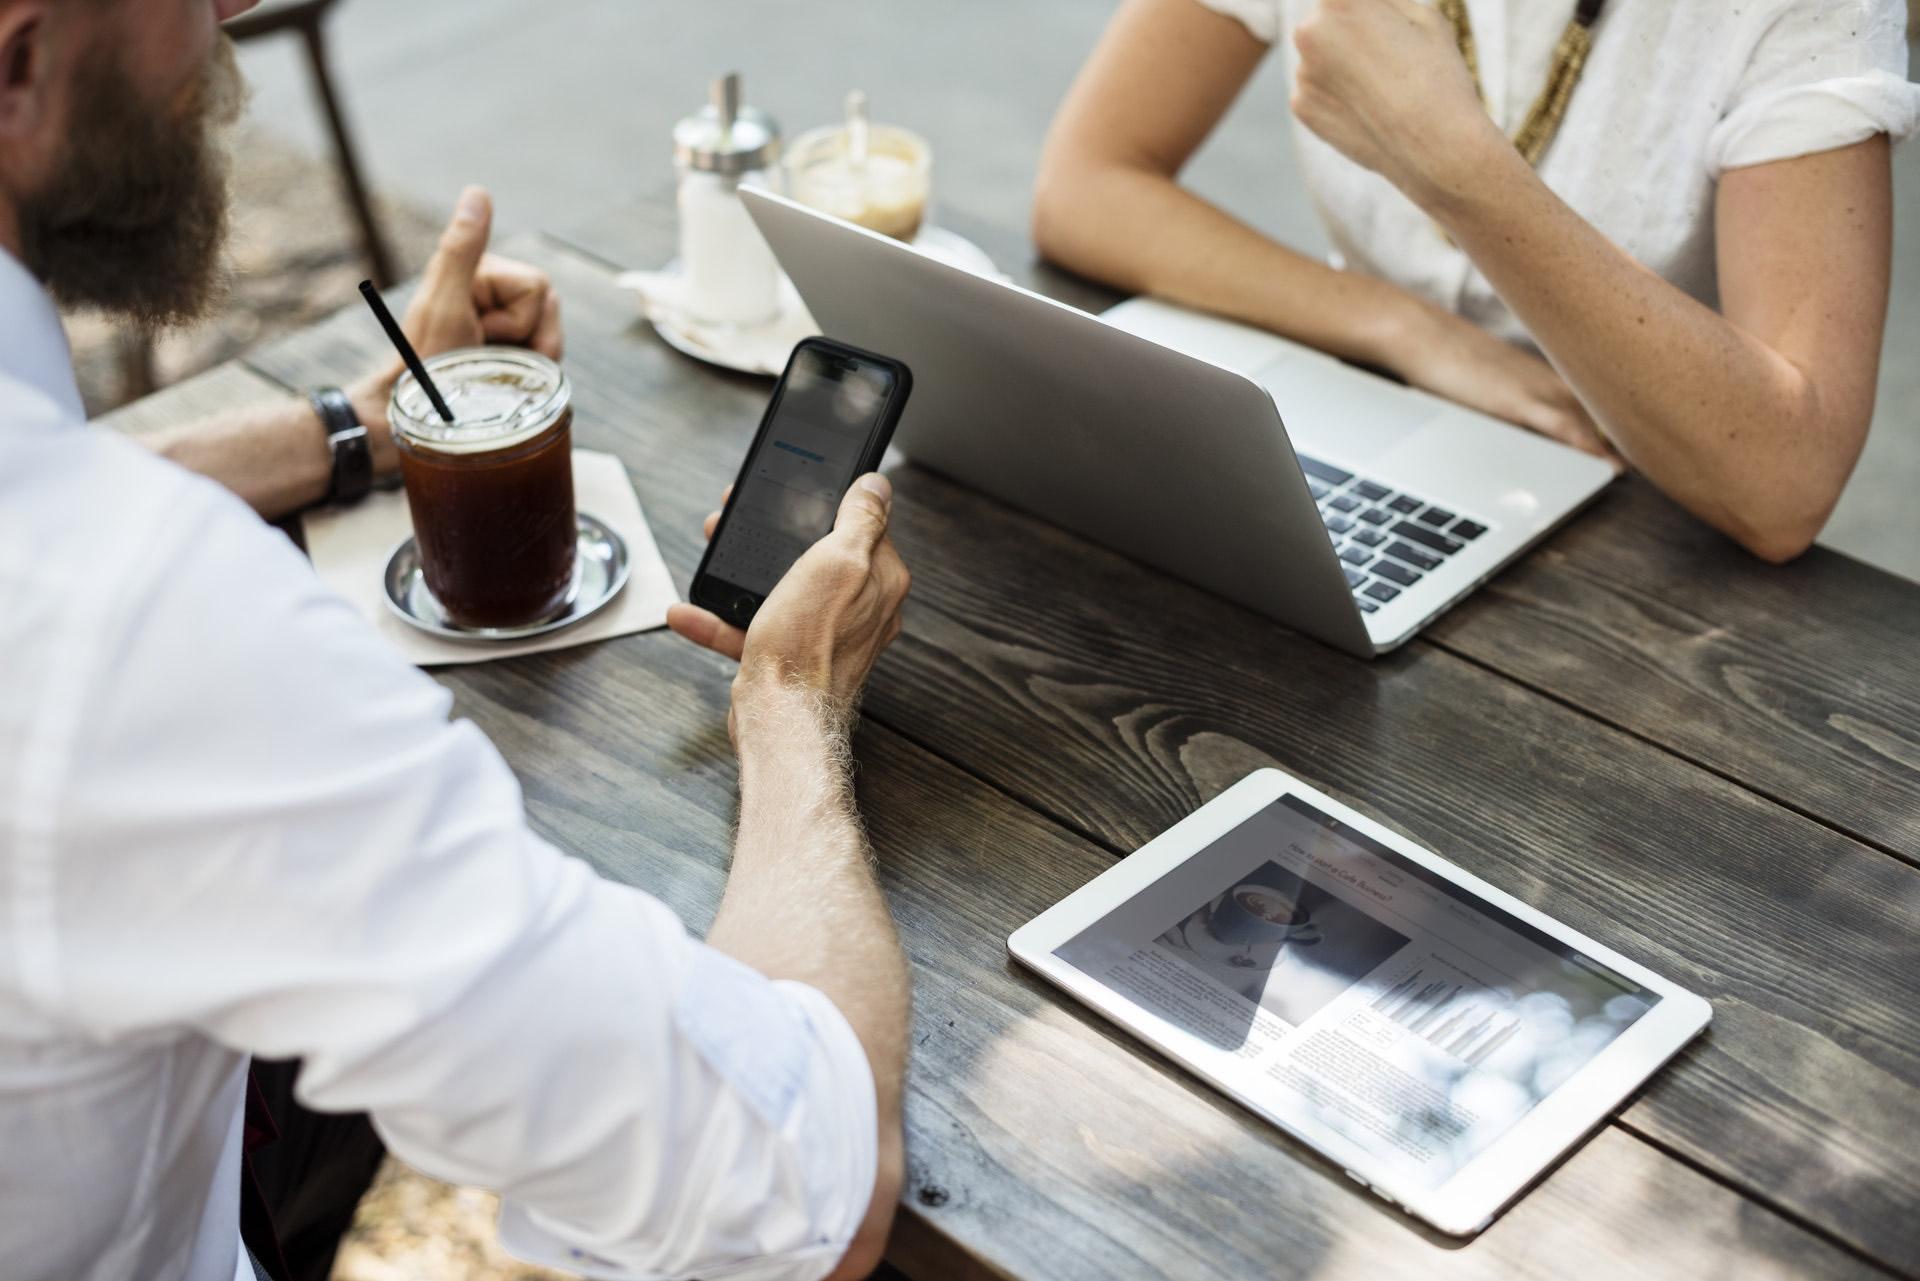 קטגוריה: הלוואה לעסקים